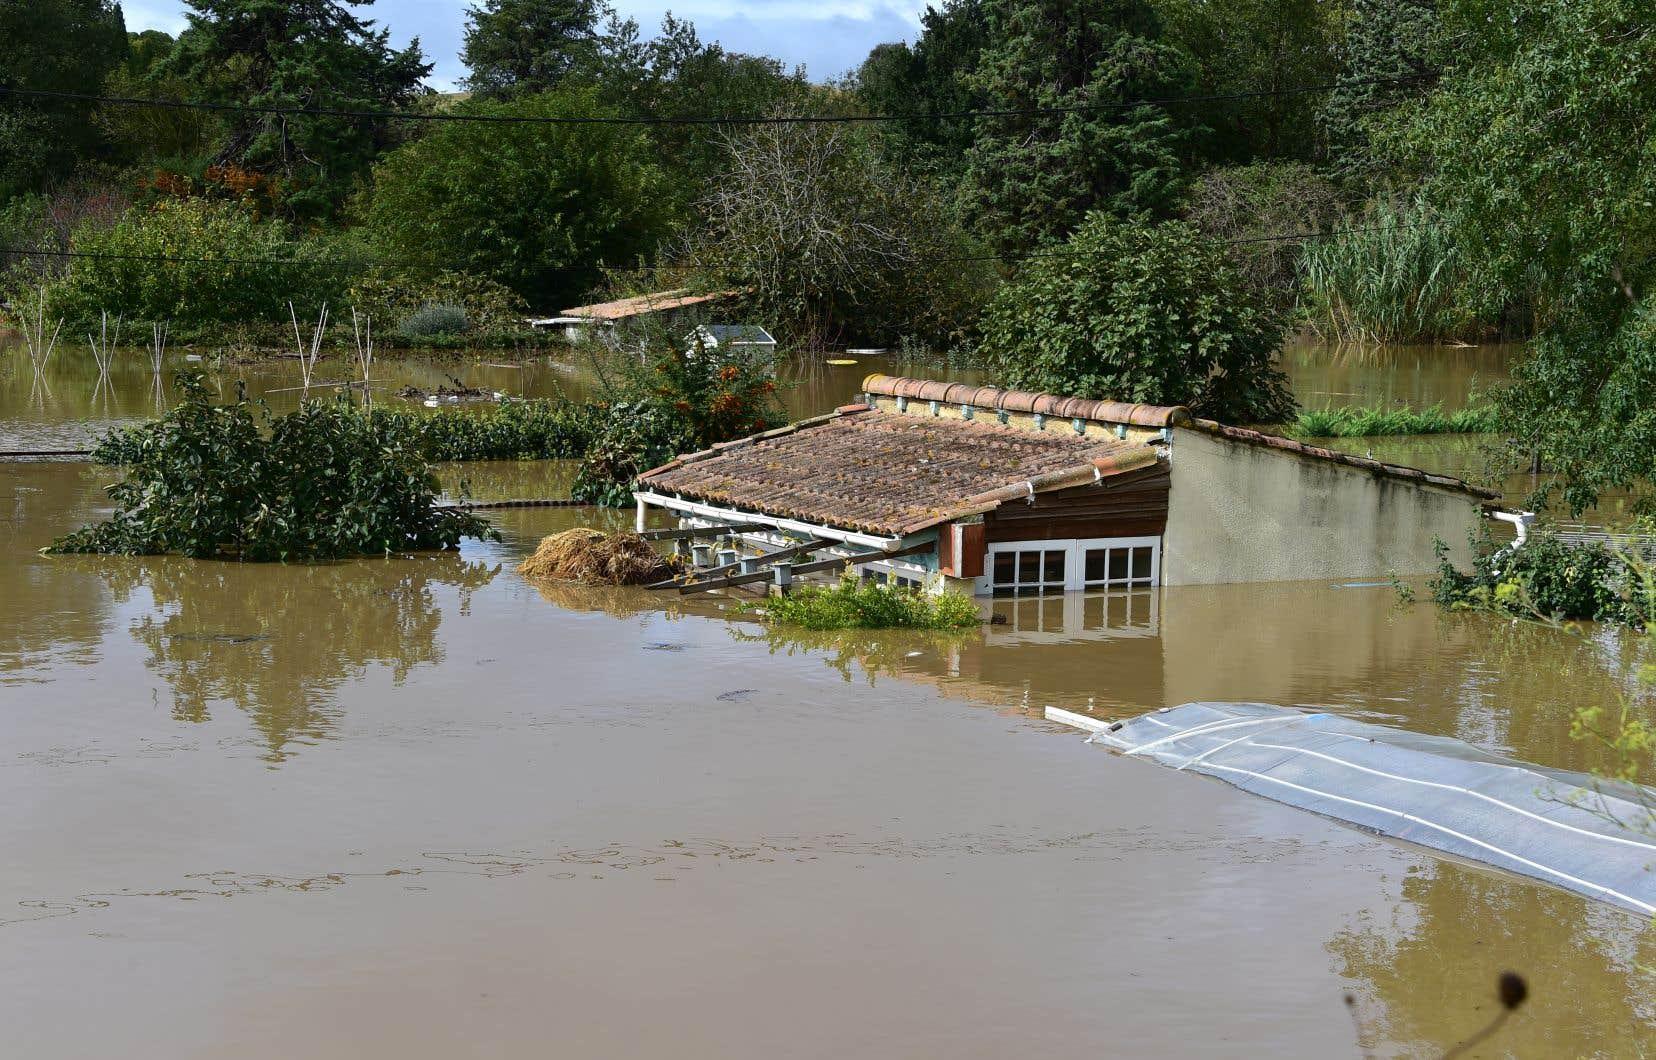 inondations dans le sud ouest de la france au moins 13 morts le devoir. Black Bedroom Furniture Sets. Home Design Ideas